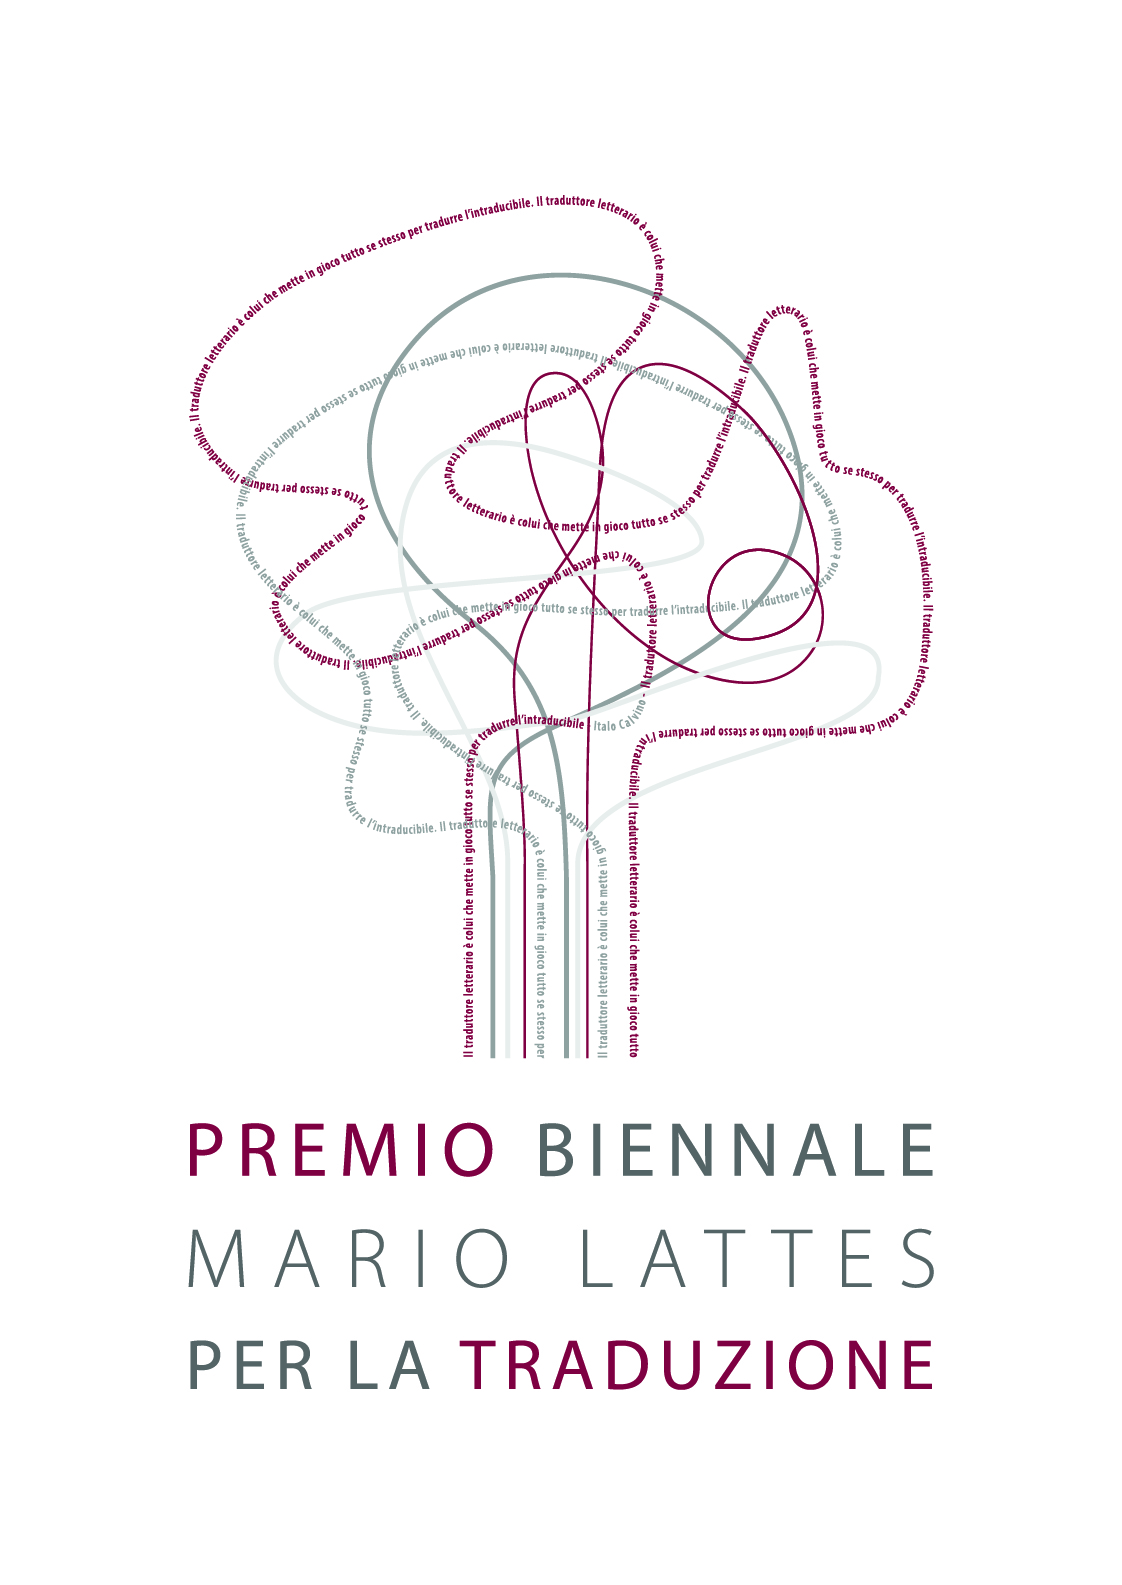 Premio biennale Mario Lattes per la Traduzione